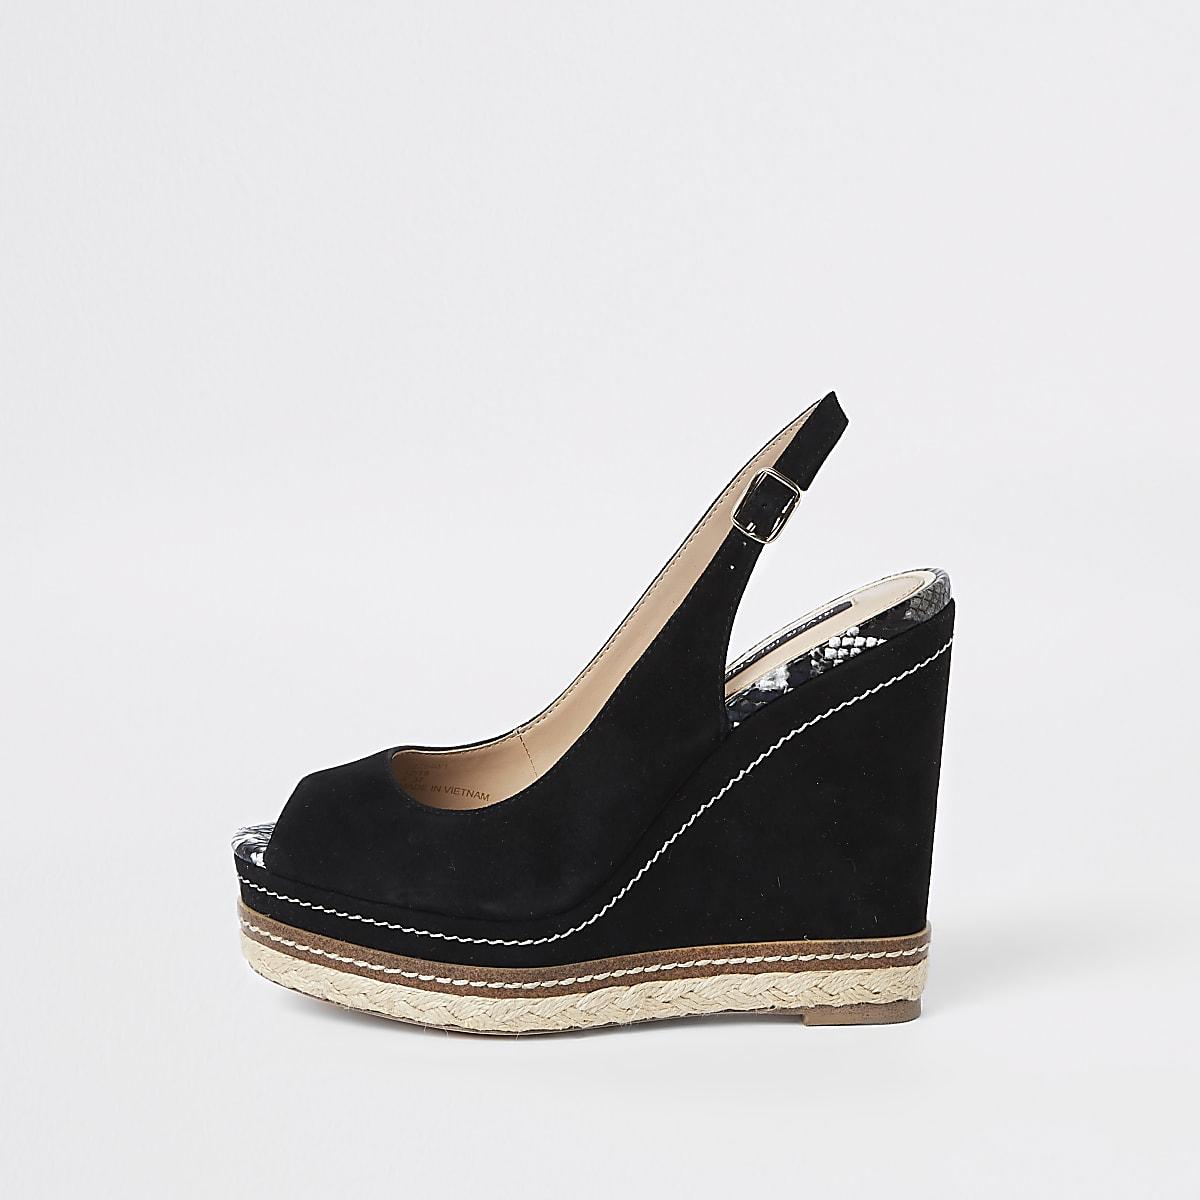 Chaussures compensées noires à bride arrière et bordure espadrille